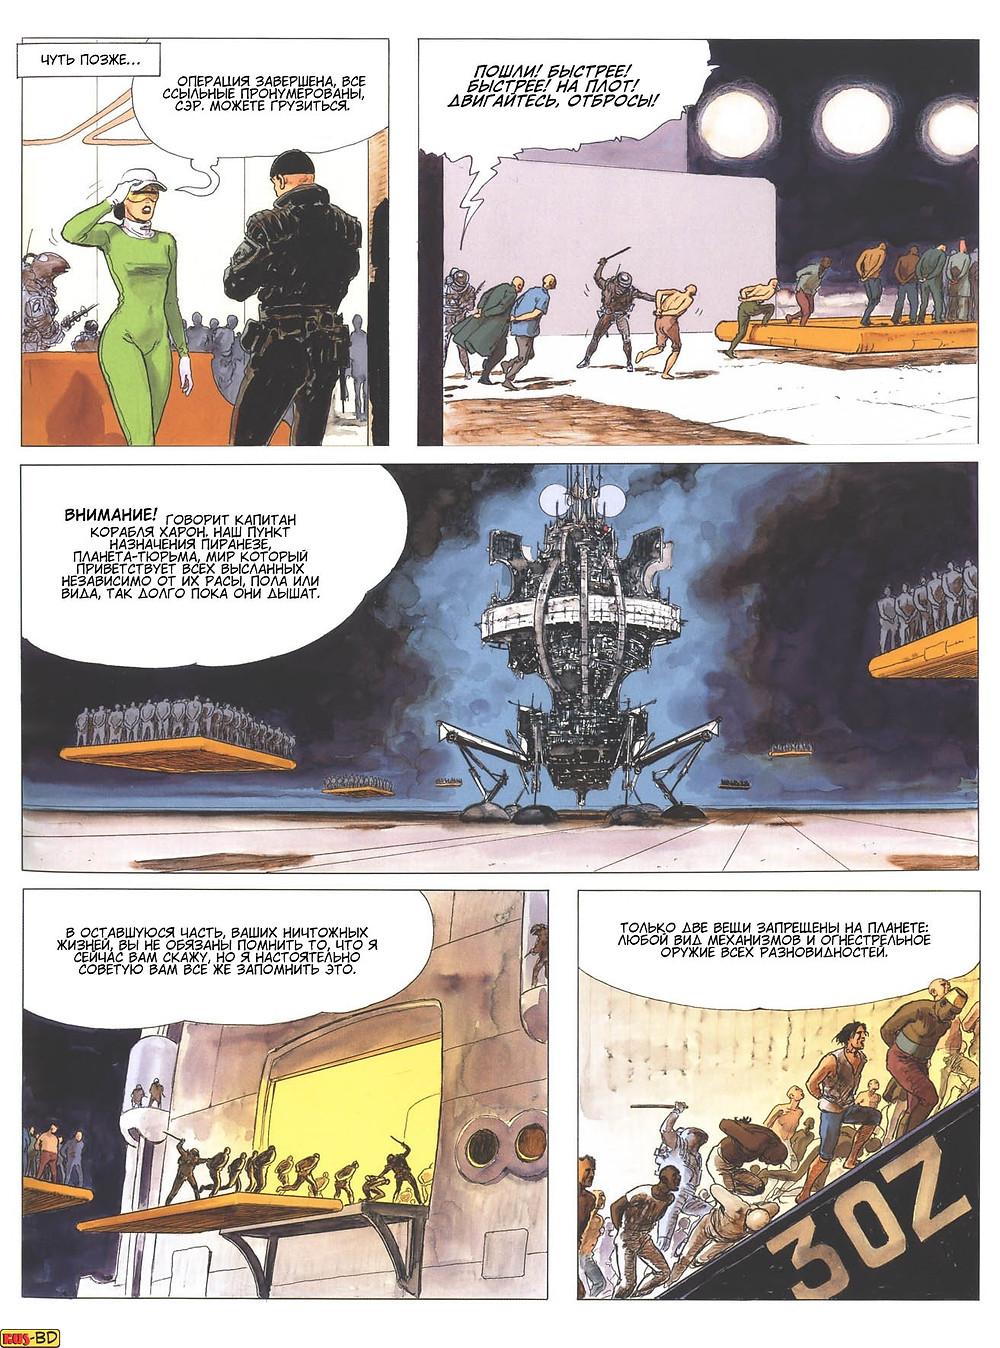 Эротический комикс на русском. Мило Манара. Пиранезе - планета тюрьма. Страница 10